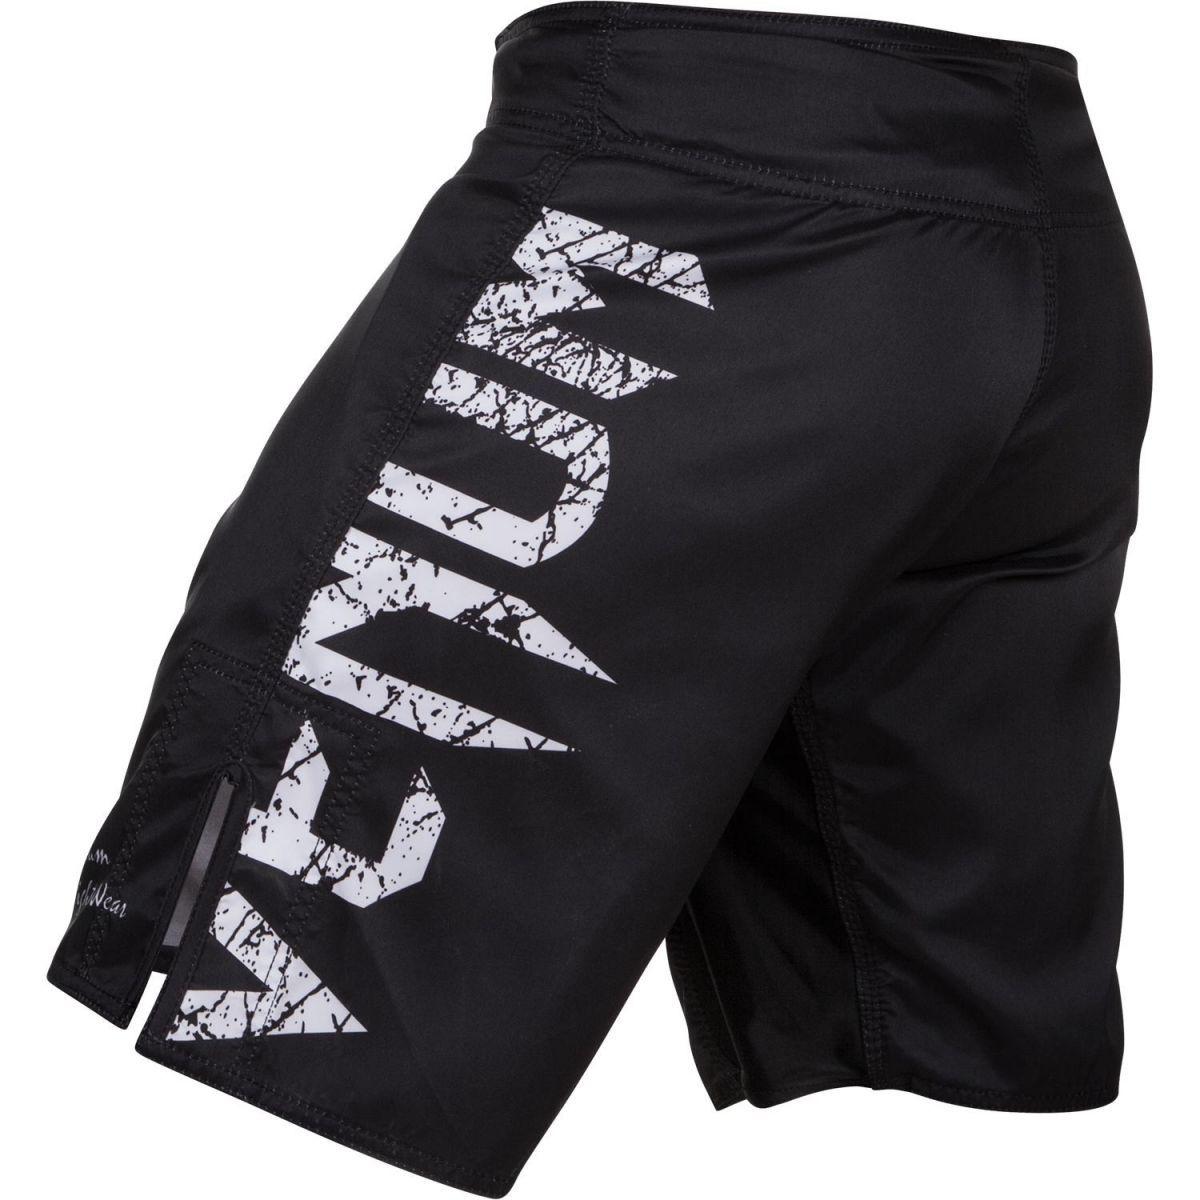 Bermuda MMA - Neo Camo Giant - Preto/Branco - Venum  - Loja do Competidor